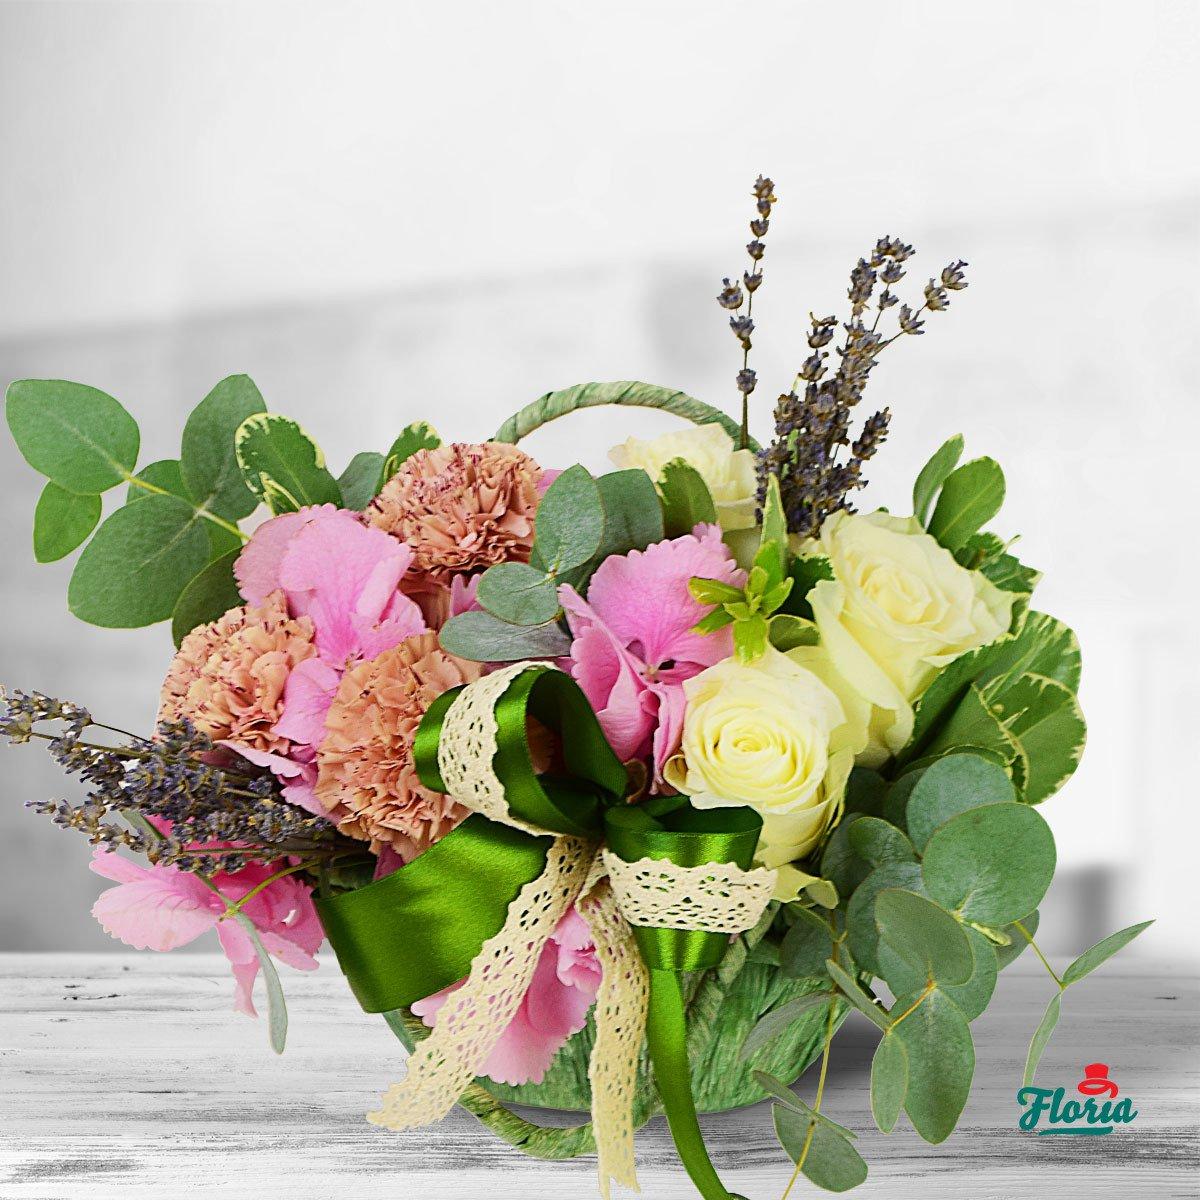 Cosul cu flori: un cadou versatil